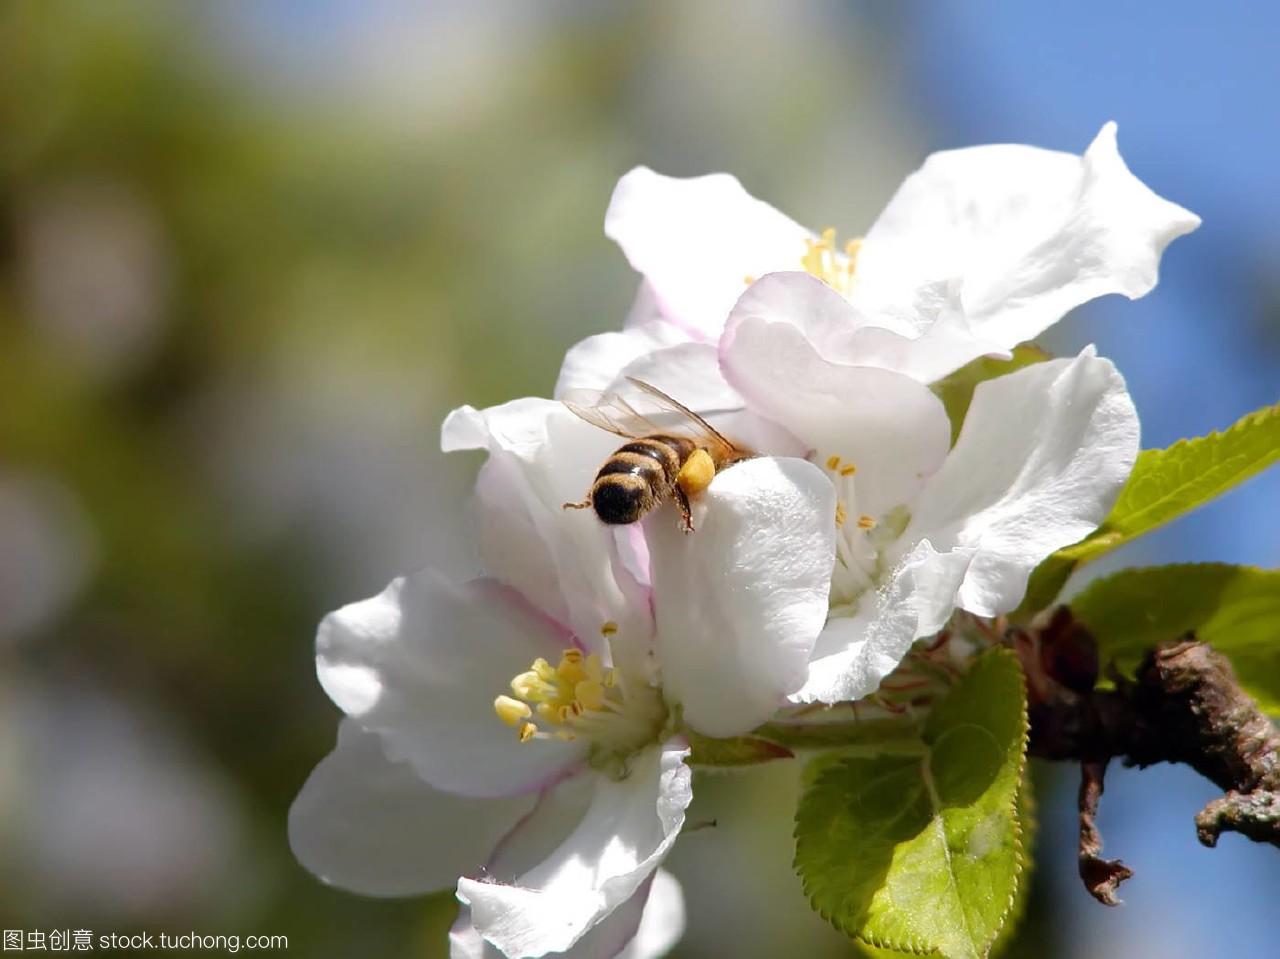 昆虫,insect,虫豸,insects,动物群,fauna,不能,Blo蚂蚁借呗开花一下还么图片